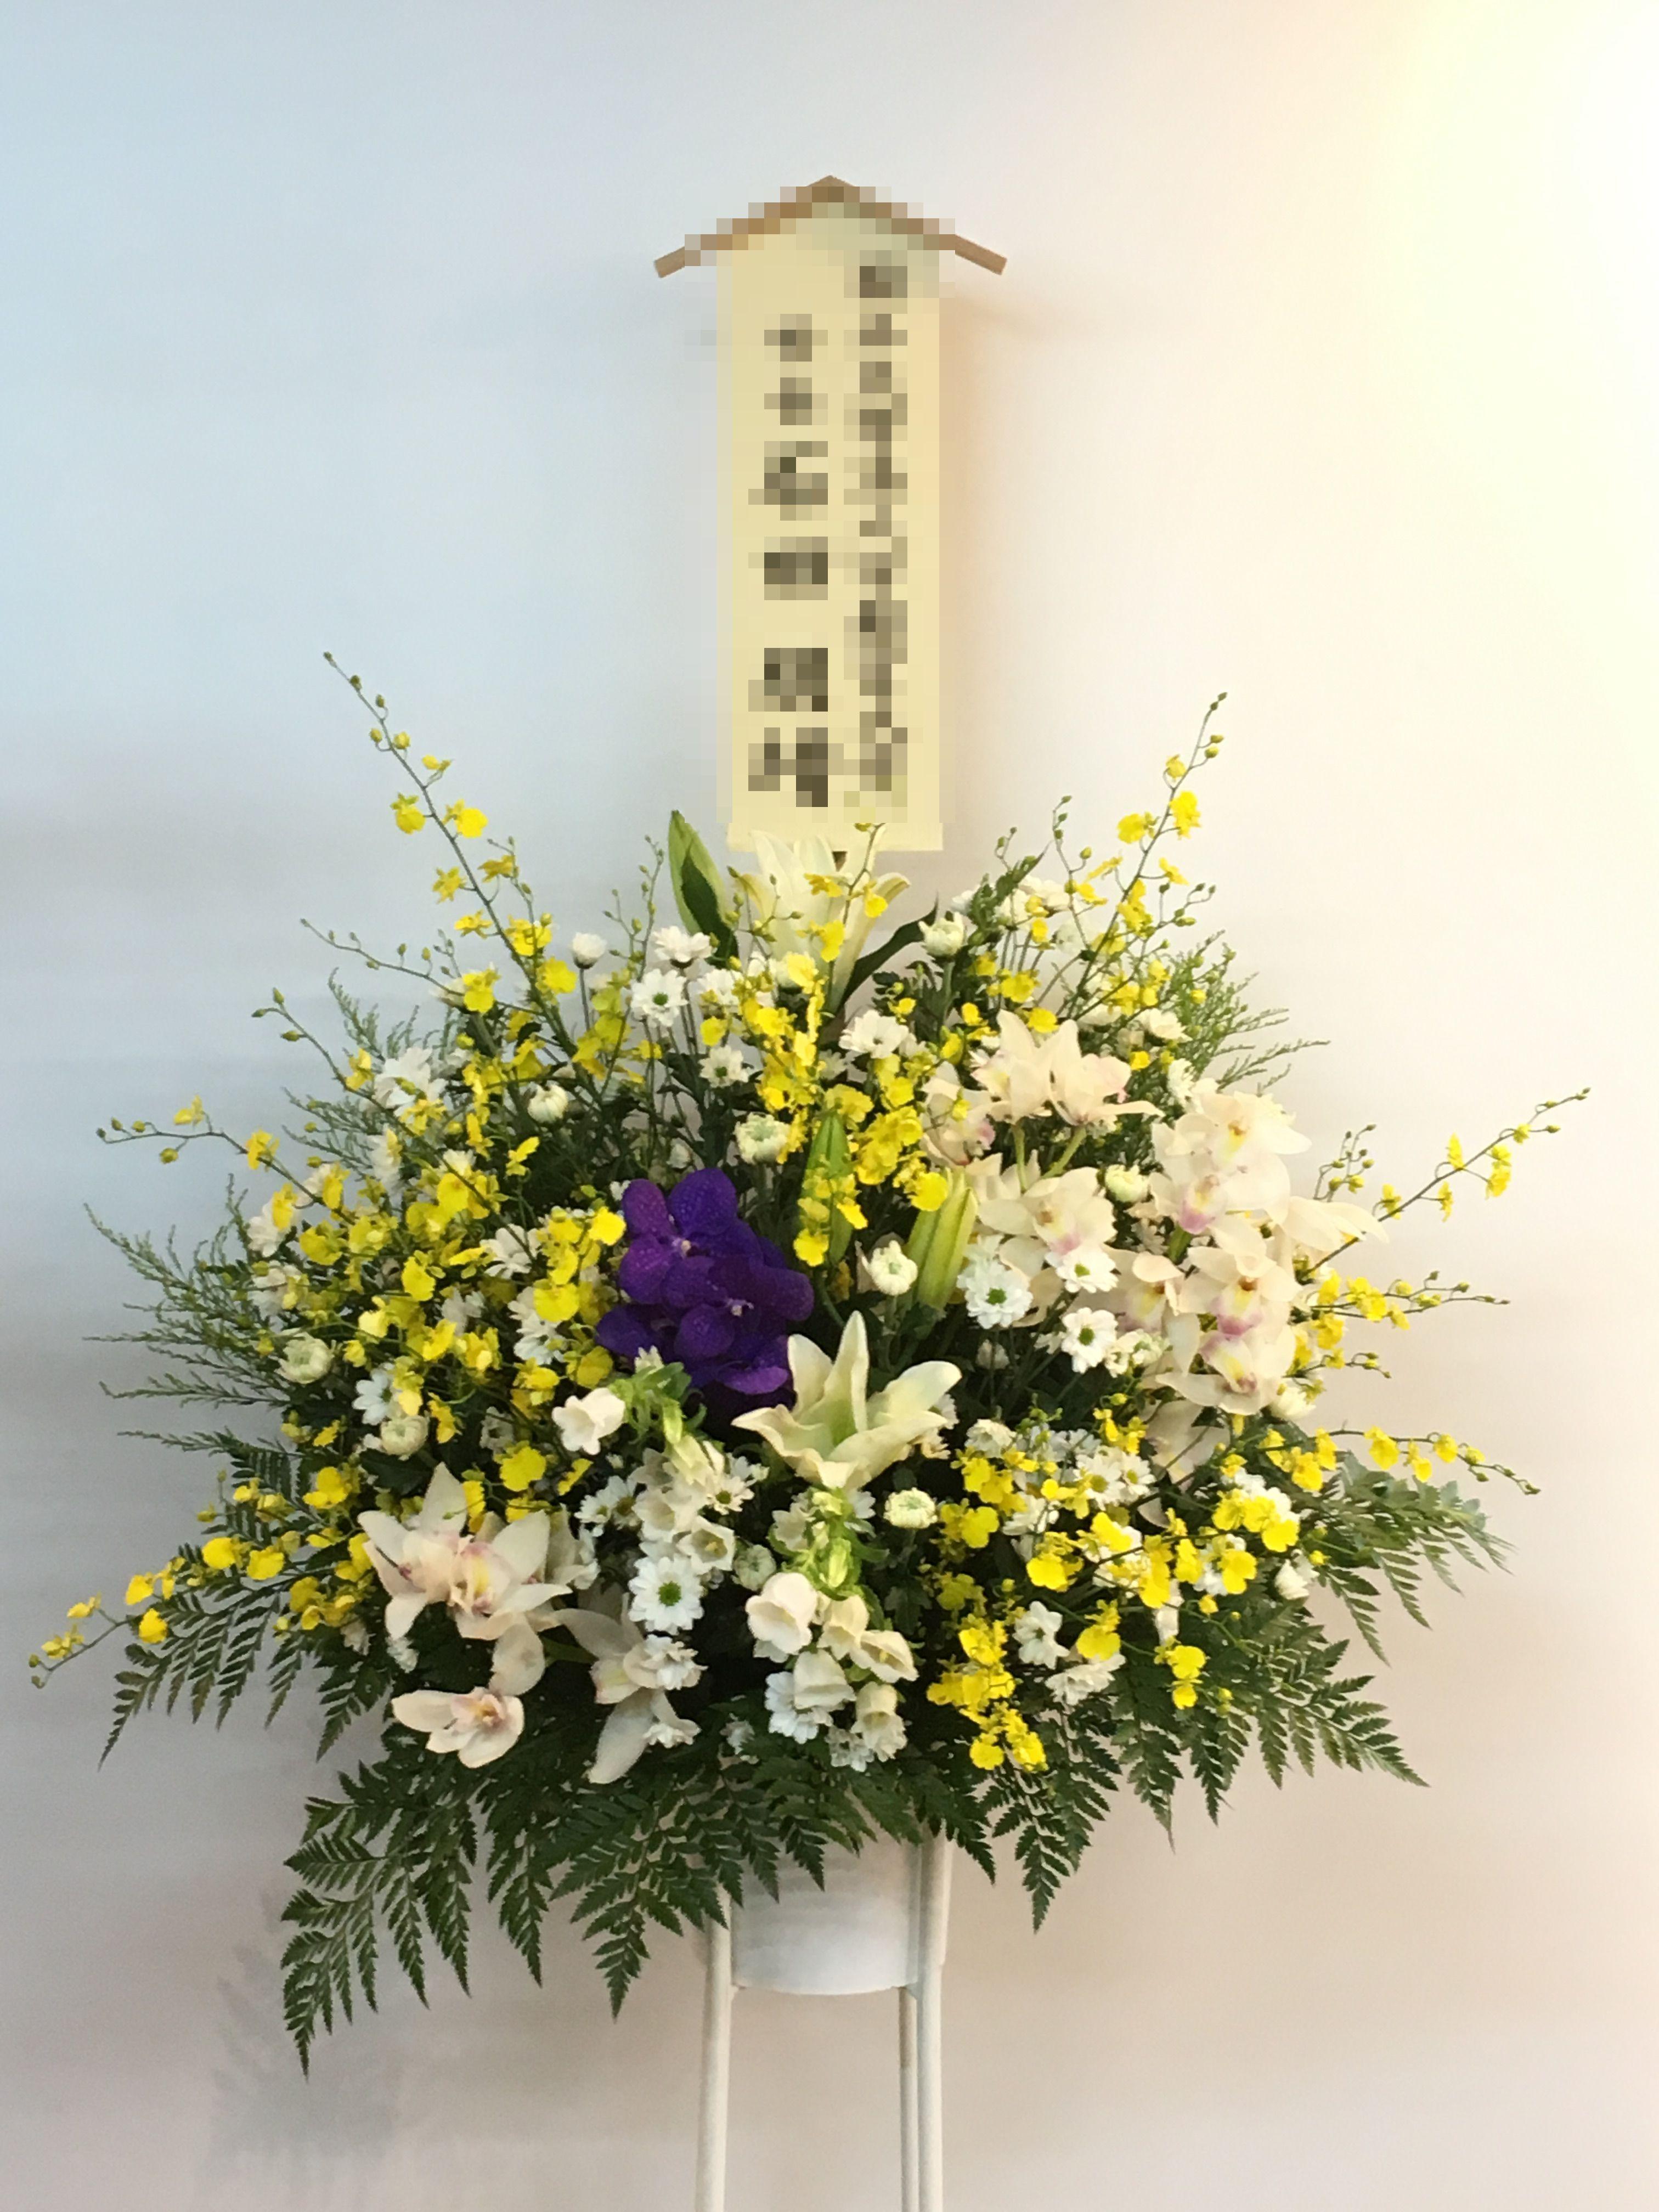 【ナオ花屋の納品事例30】横浜市関内の法人企業様よりプリザーブドフラワーを配達しました。